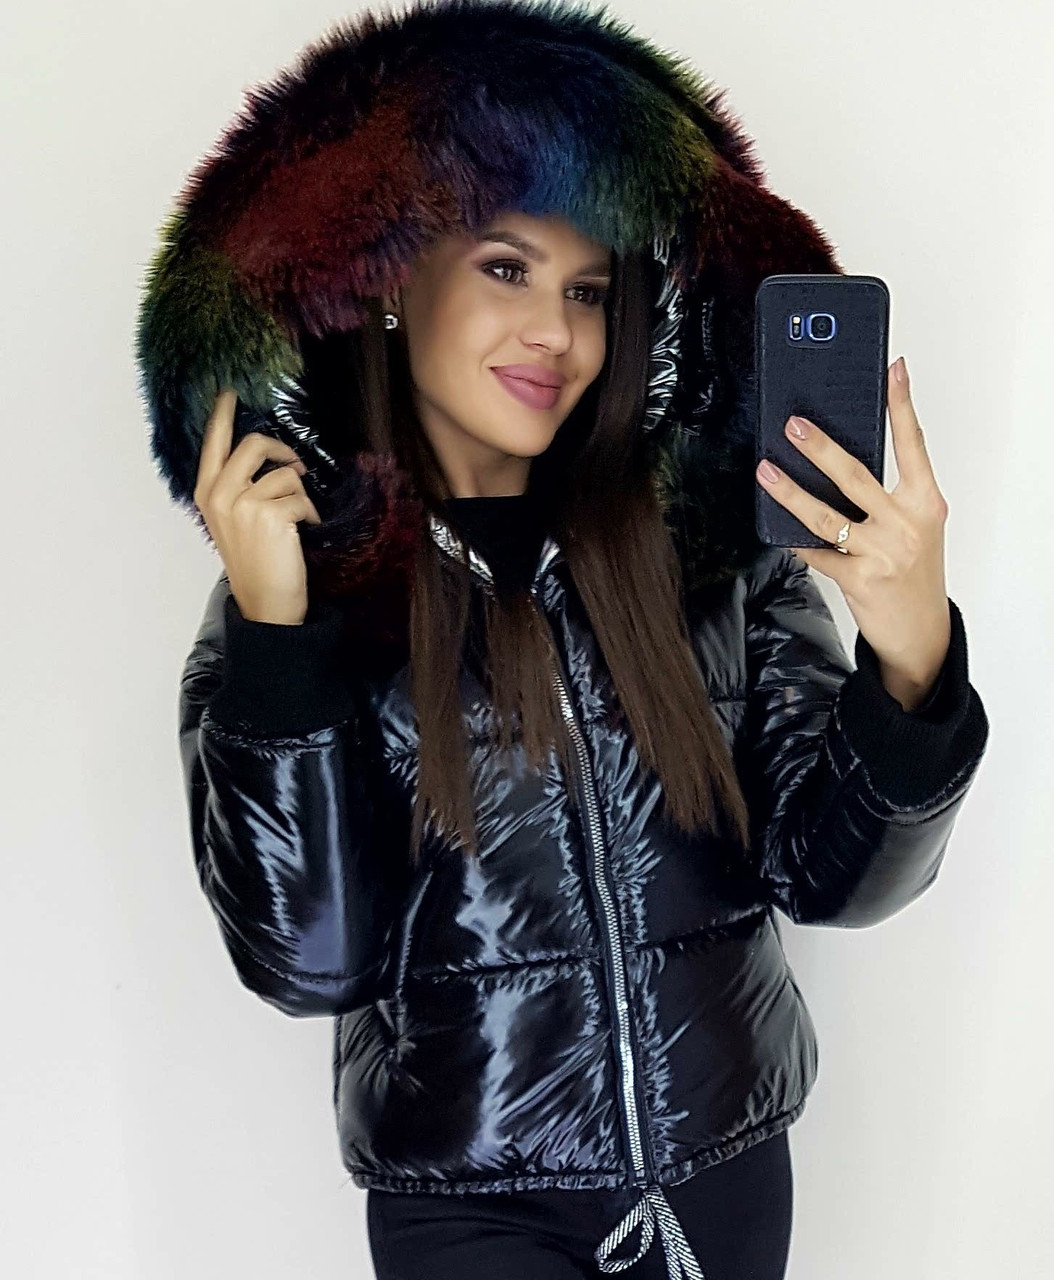 Женская зимняя теплая куртка плащевка на синтепоне с мехом черная S M L